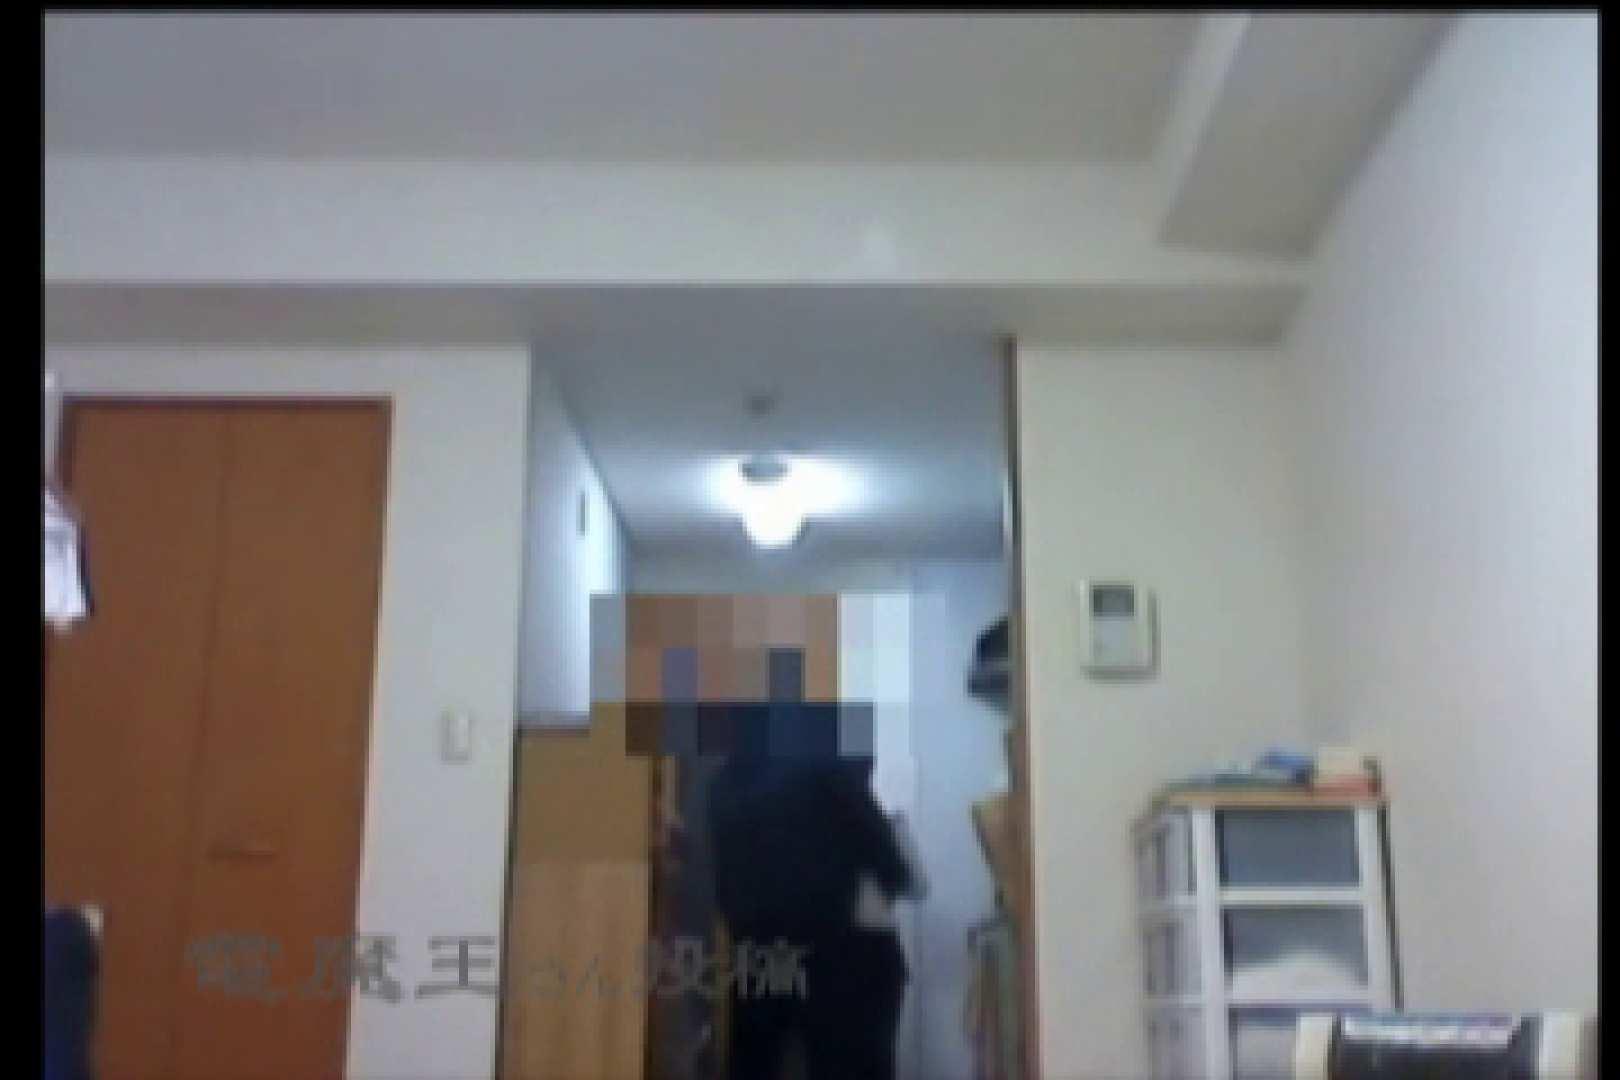 電魔王さんの「隠撮の部屋」ミーナ 隠撮  62連発 62